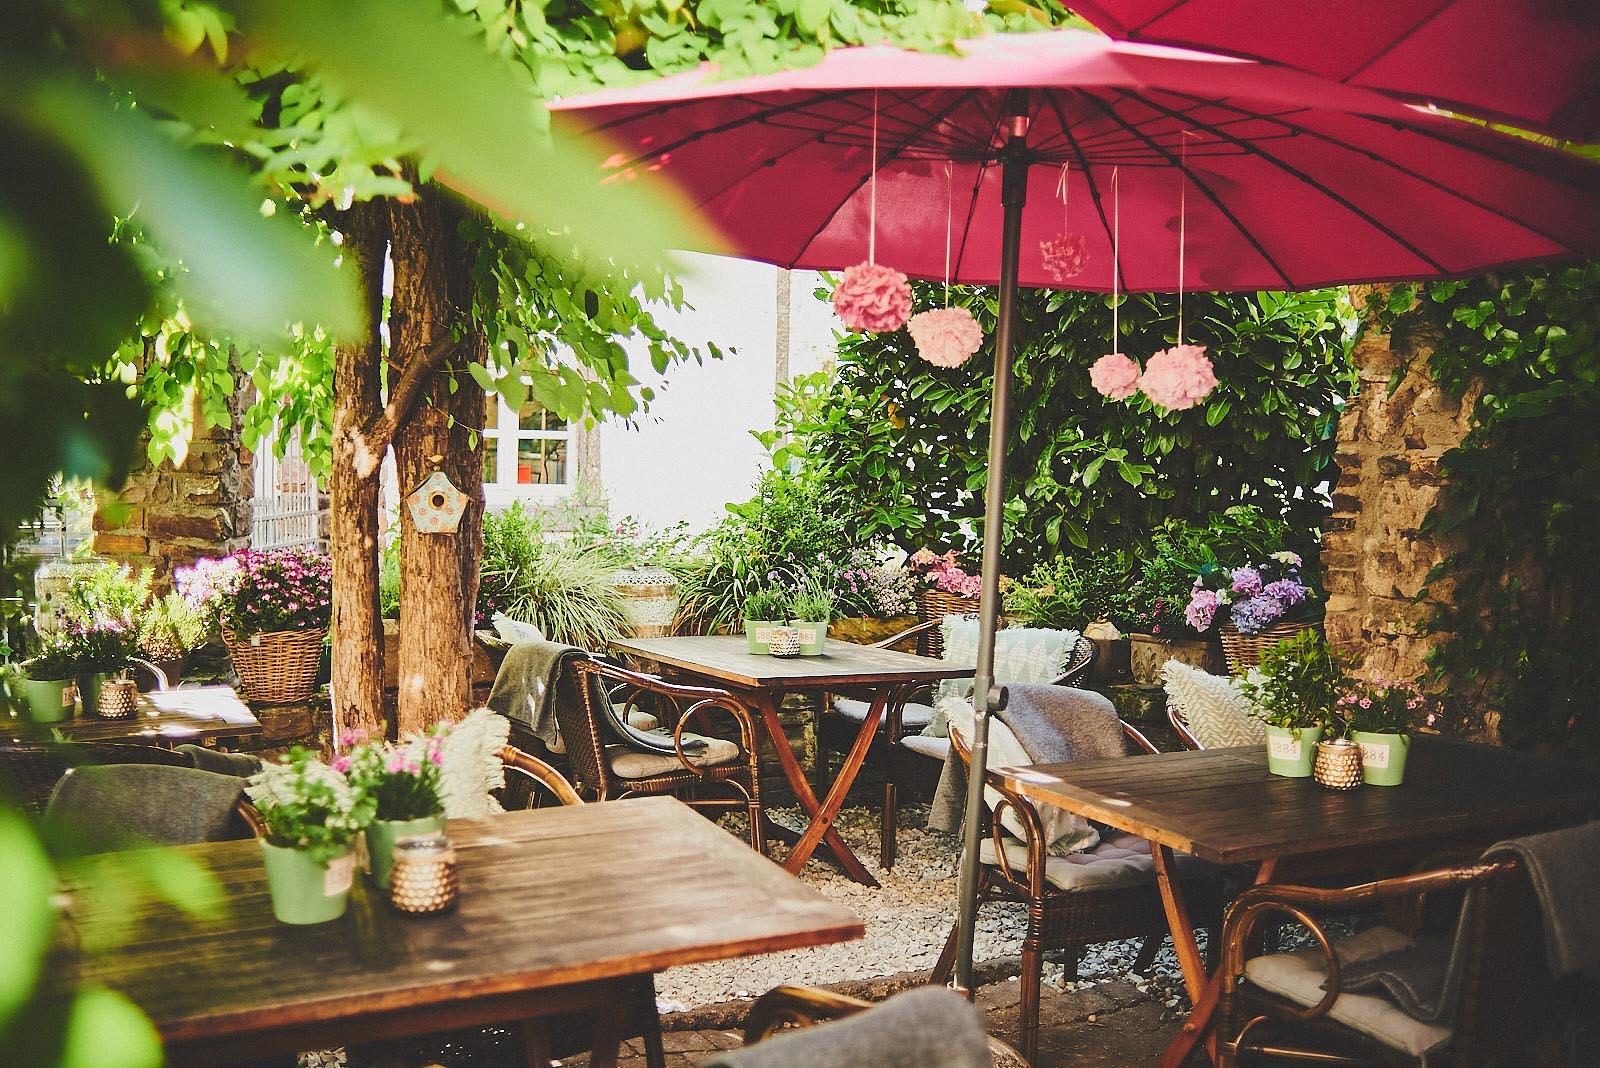 Gemütlicher Außenbereich im Hinterhof Cafe Pfefferminzje in Koblenz - Imagefotografie von Anna Schneider neon fotografie